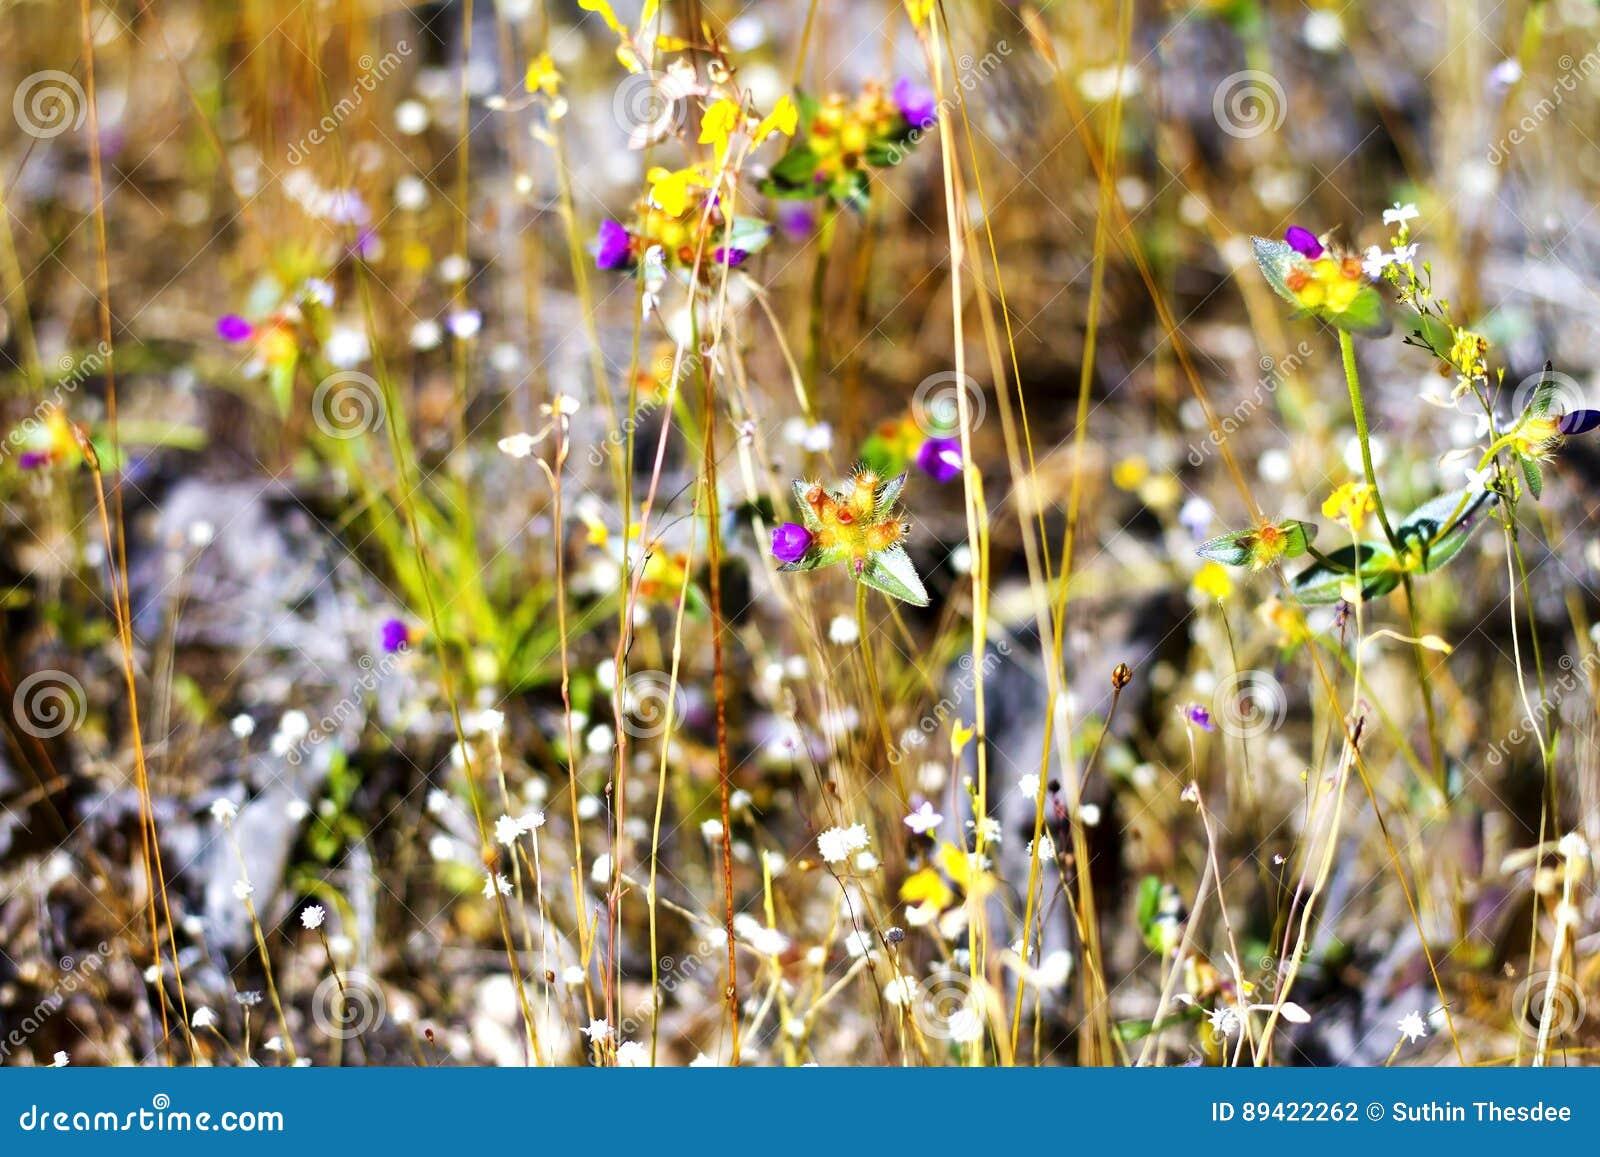 Coelestris de Burmania com grama seca